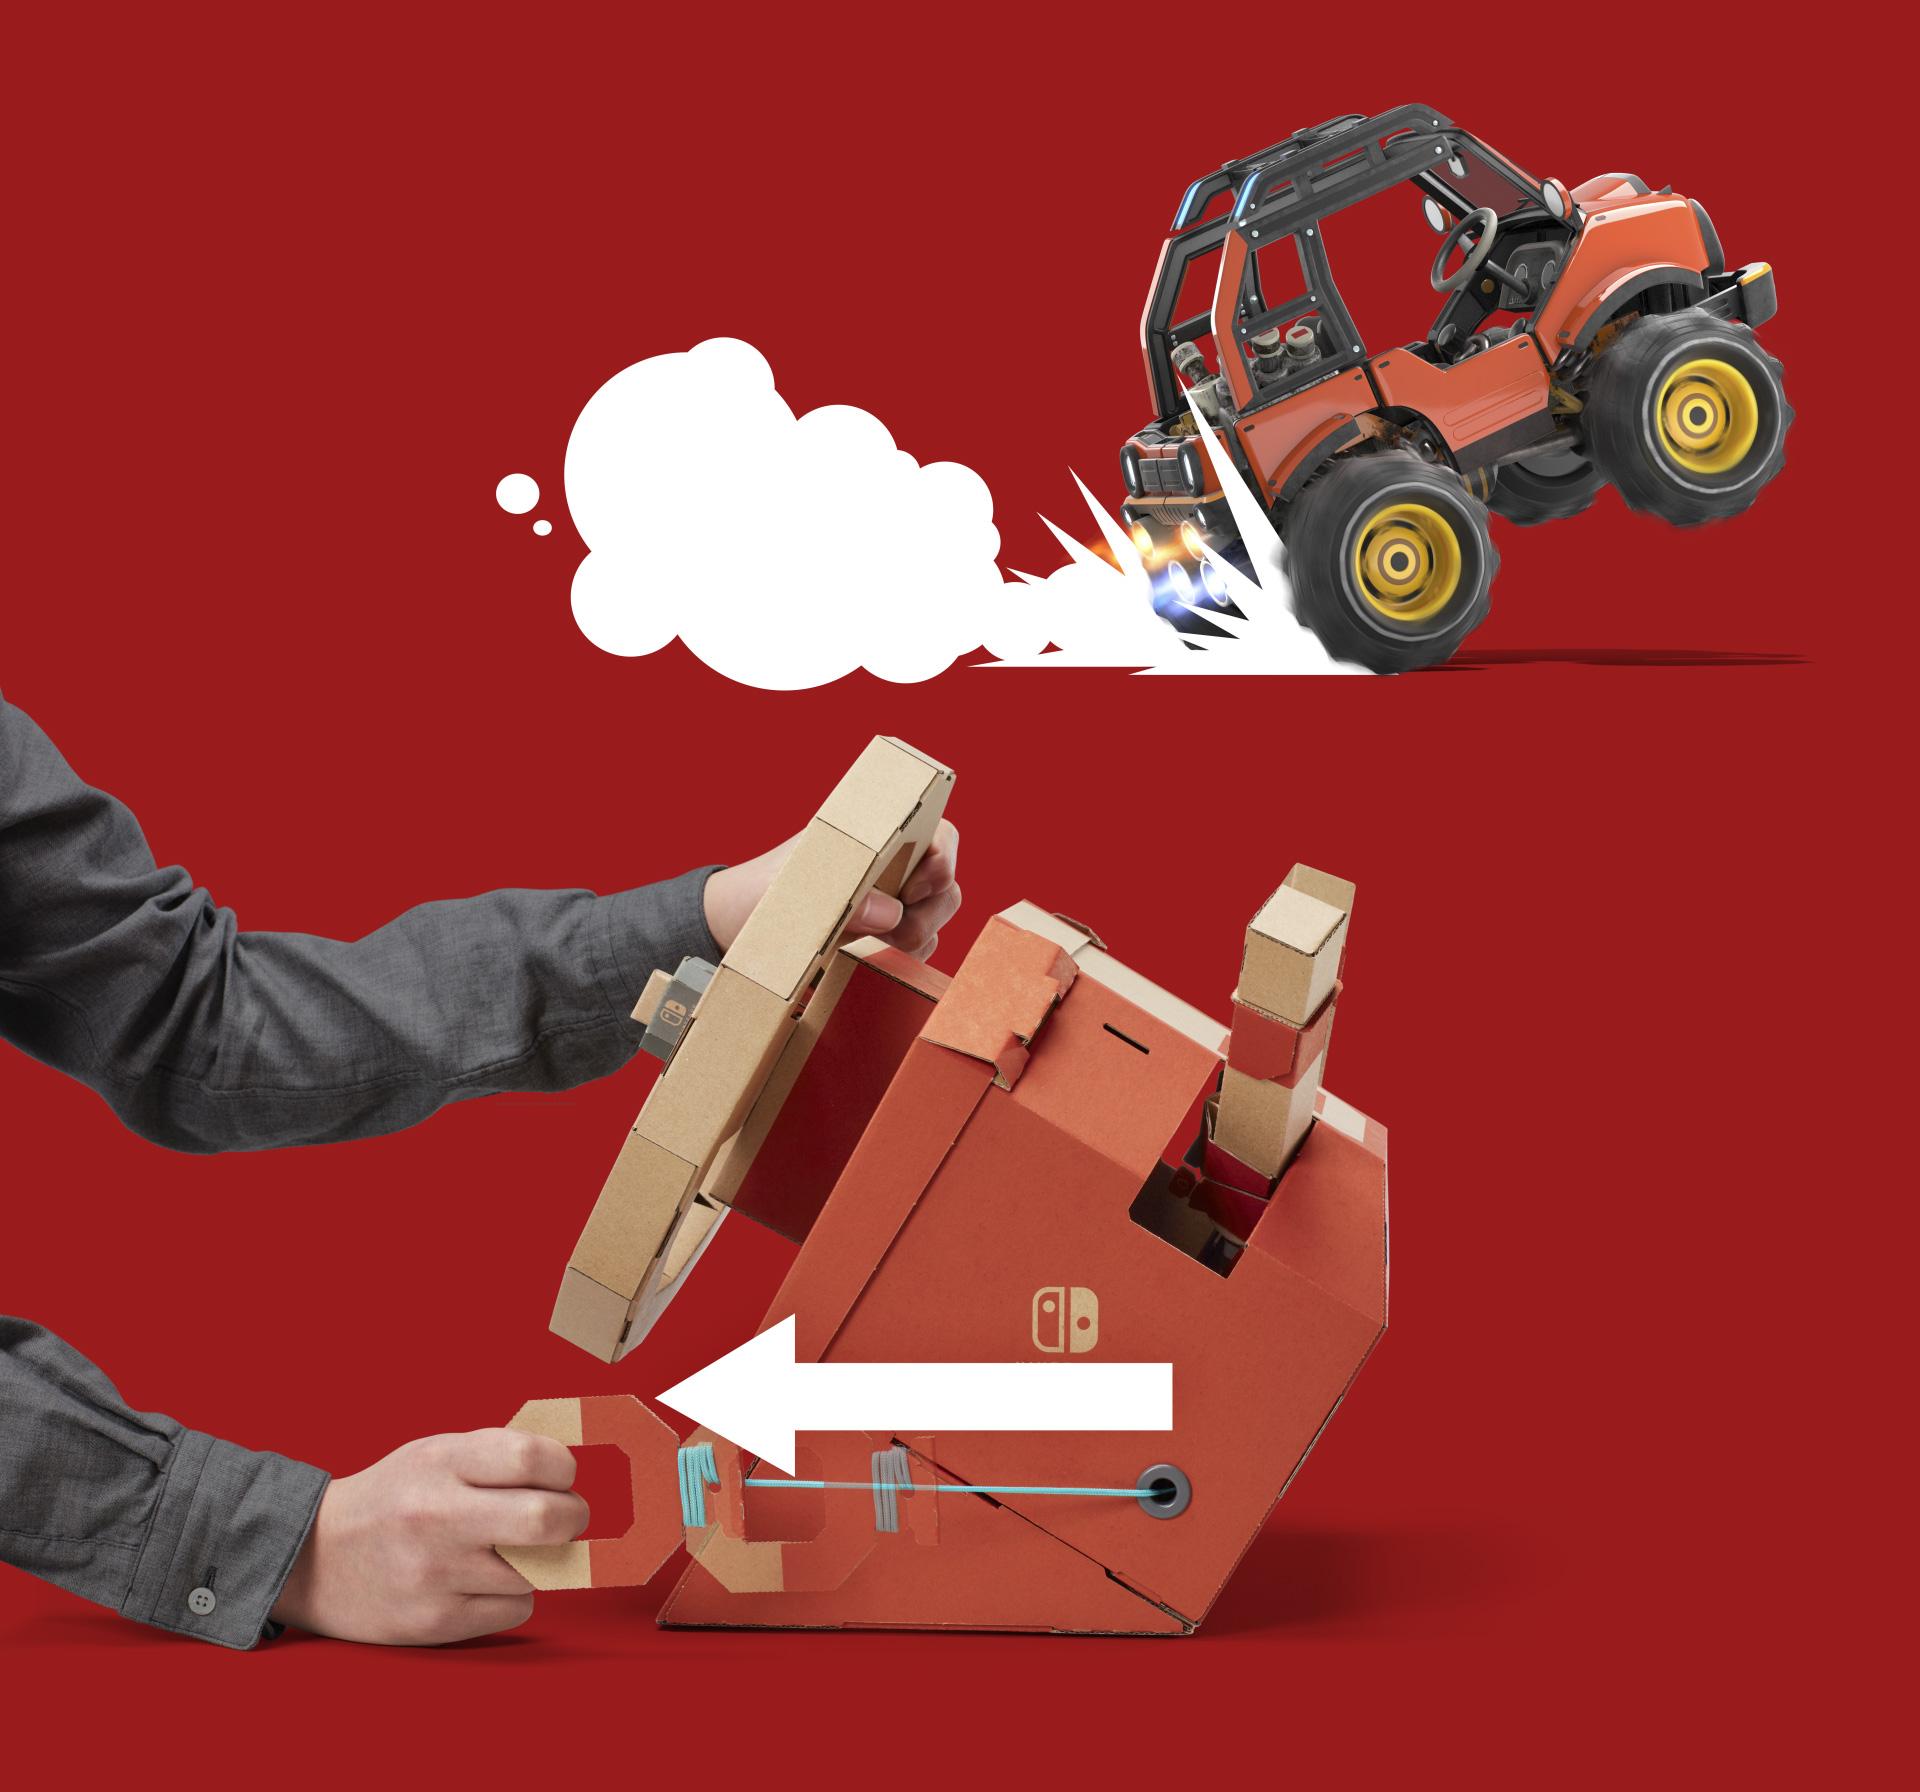 Mit dem Seilzug an der rechten Seite der Lenkrad-Säule verschafft man dem Buggie einen kurzen Geschwindigkeits-Boost.